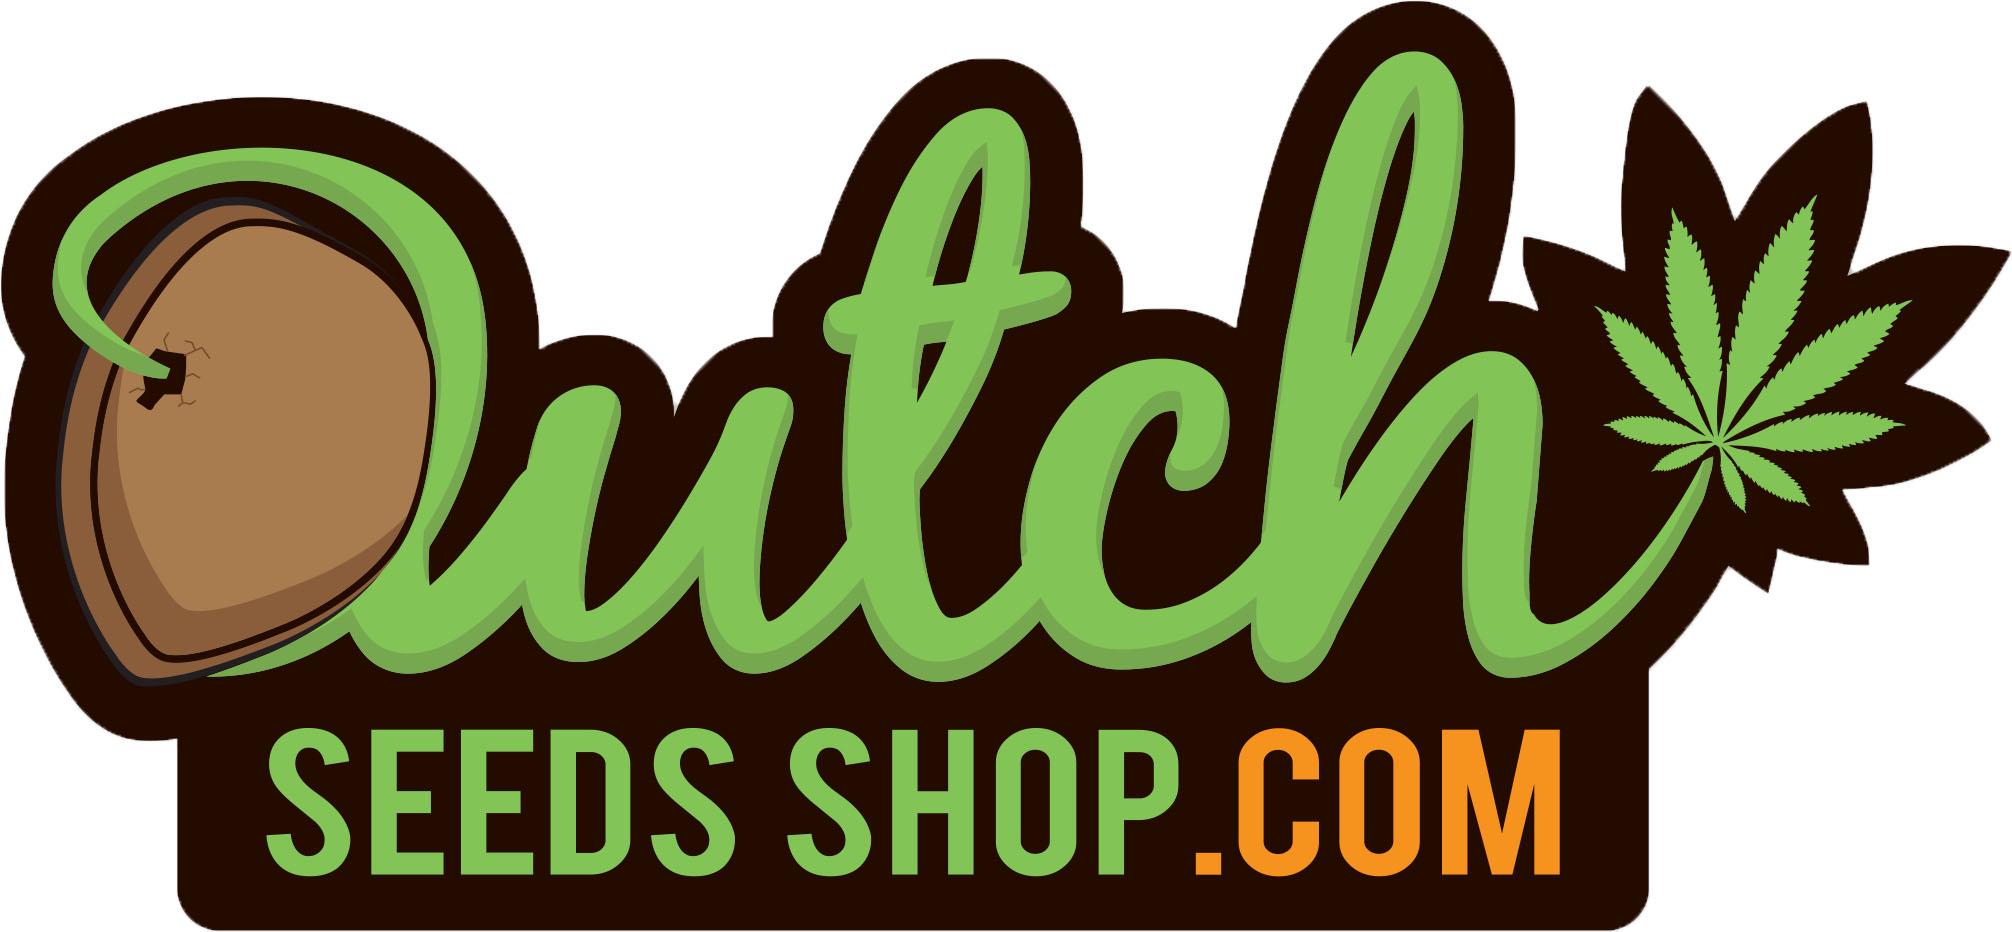 Dutch Seeds Shop